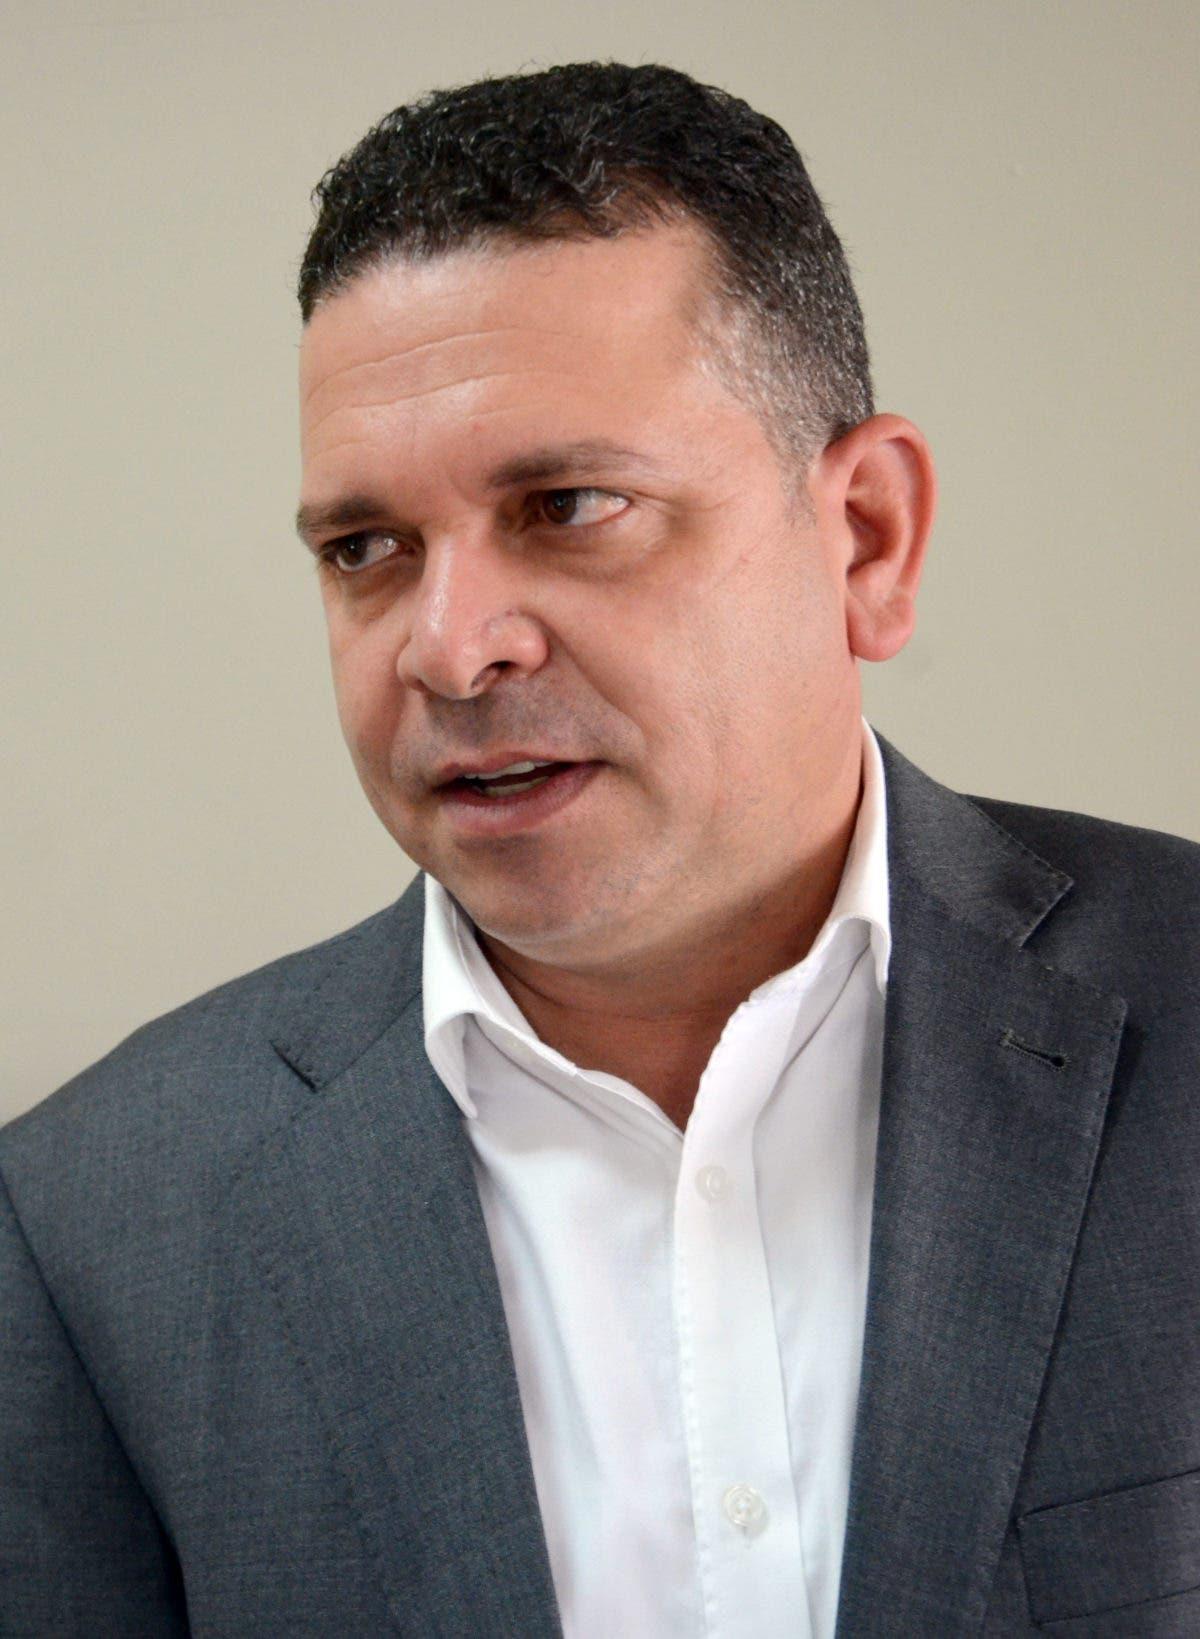 Con la muerte del exalcalde José Enrique Sued, Santiago pierde a un hombre querido y solidario